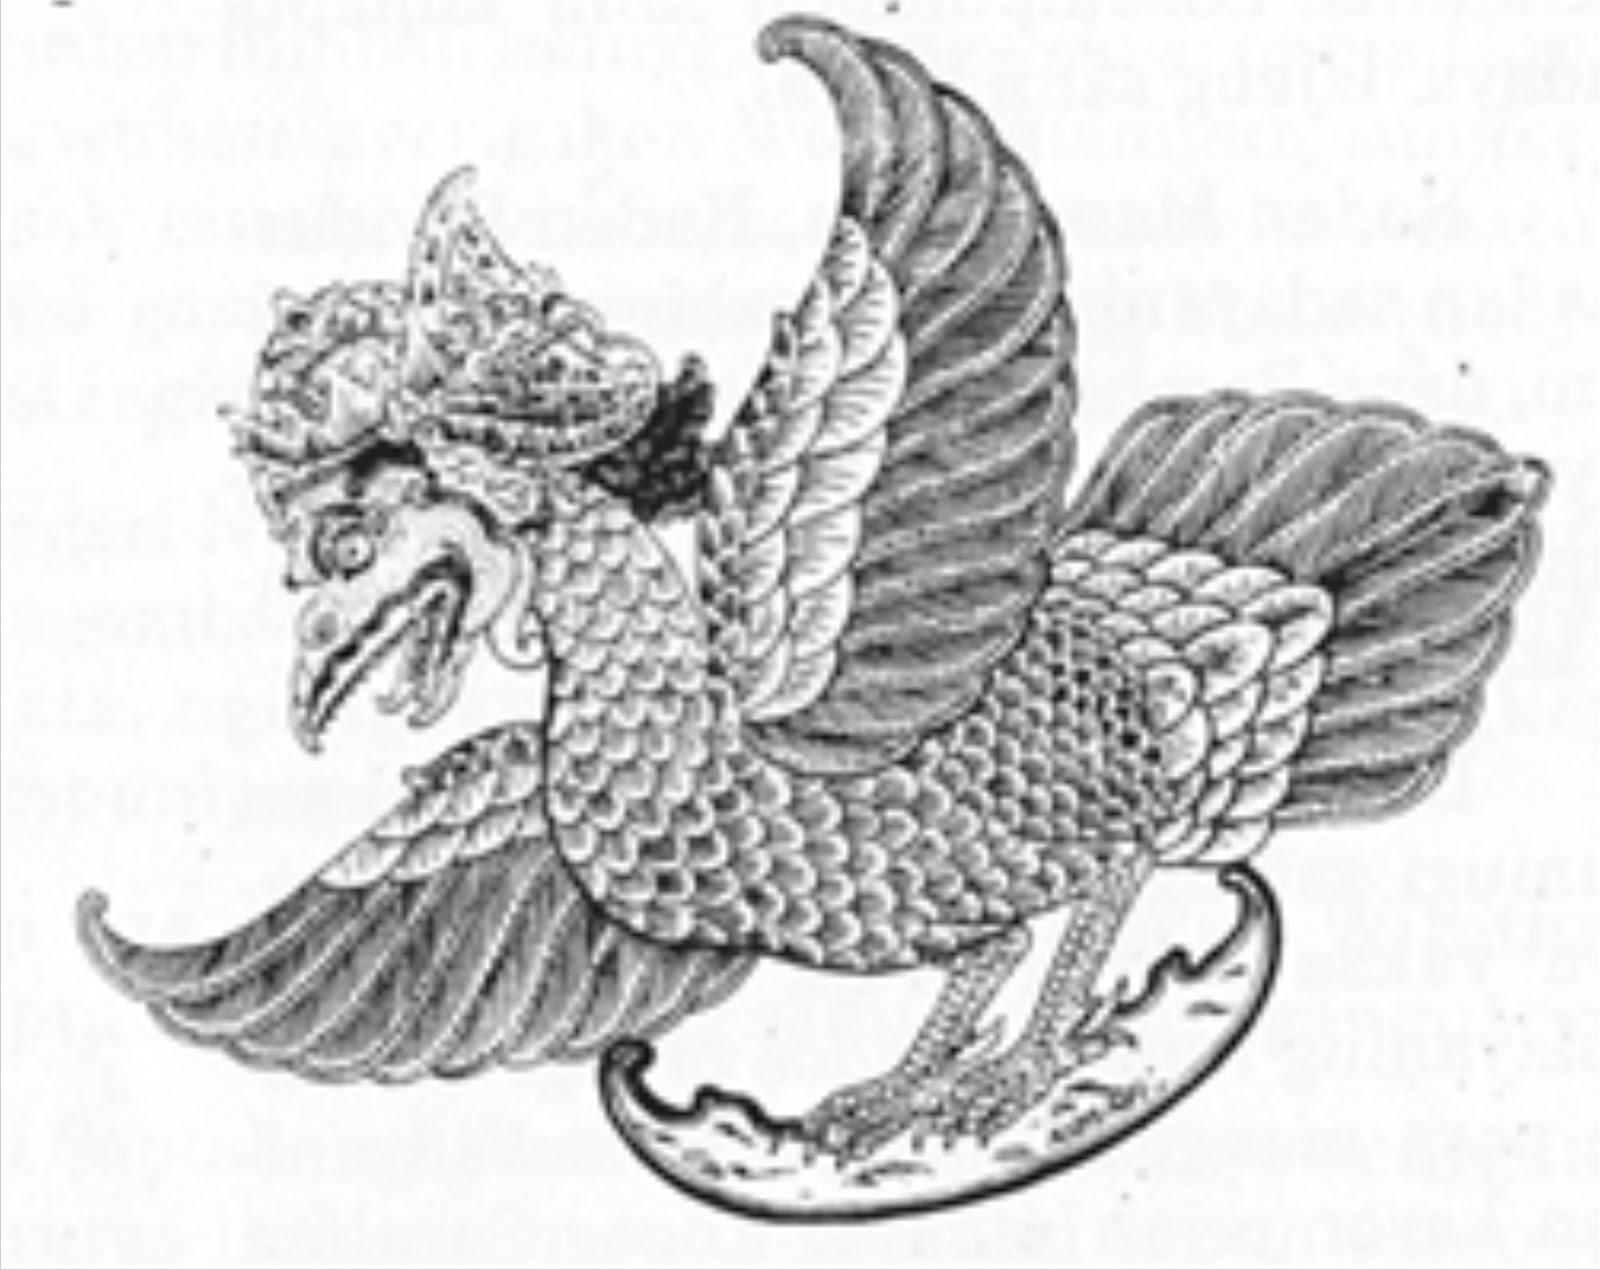 Di dalam babad sejarah atau cerita cerita kuno negara negara mandiri di Indonesia sepertinya belum pernah ada yang menyebut lambang burung Garuda